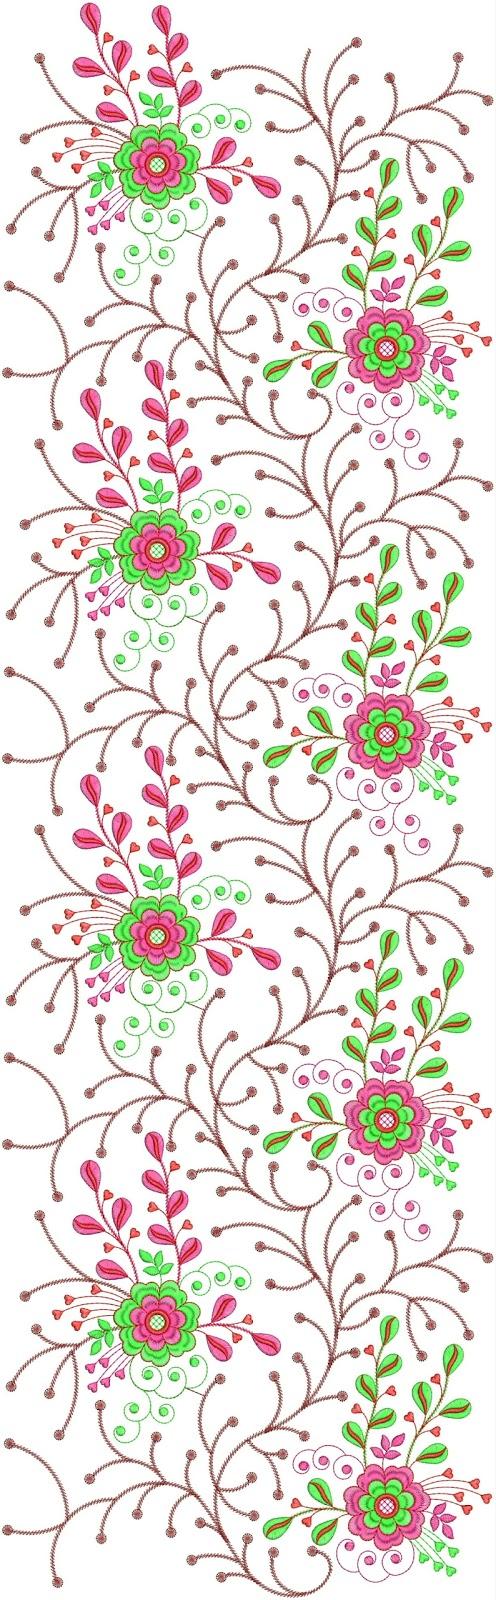 Embdesigntube modern long allover pattern designs